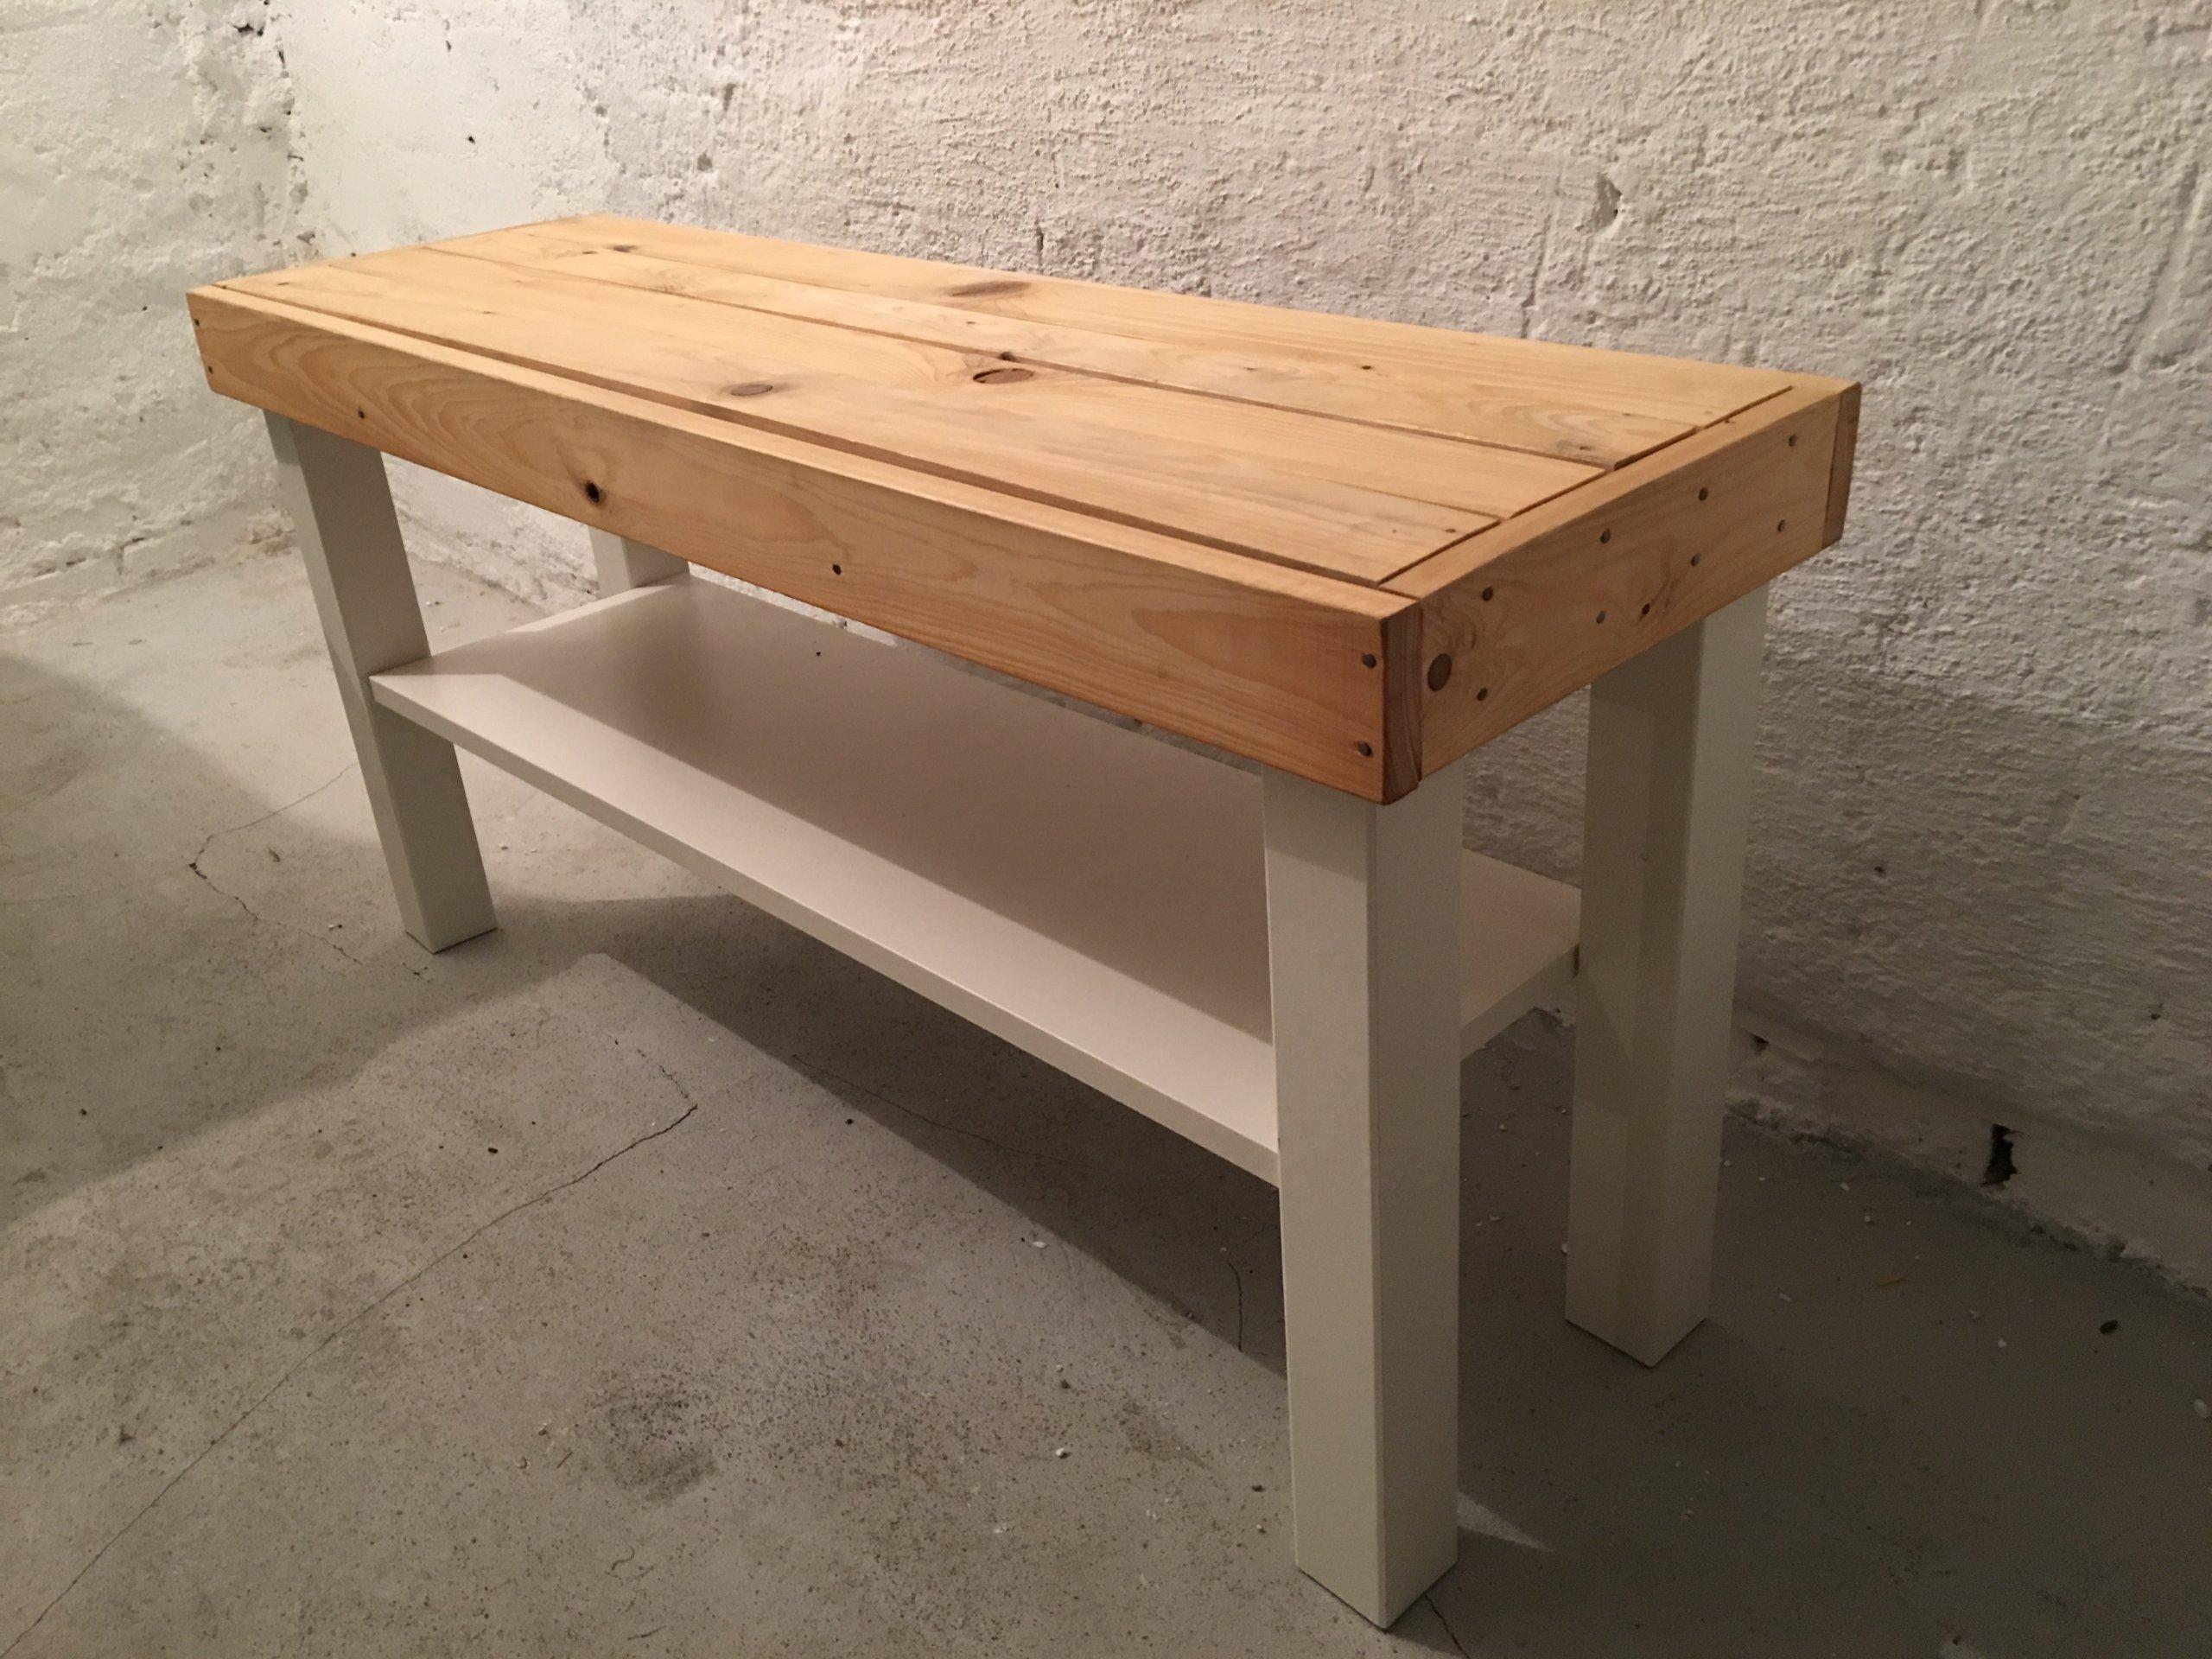 ławka Z Drewna Do Przedpokoju W Idealnym Stanie 7145801726